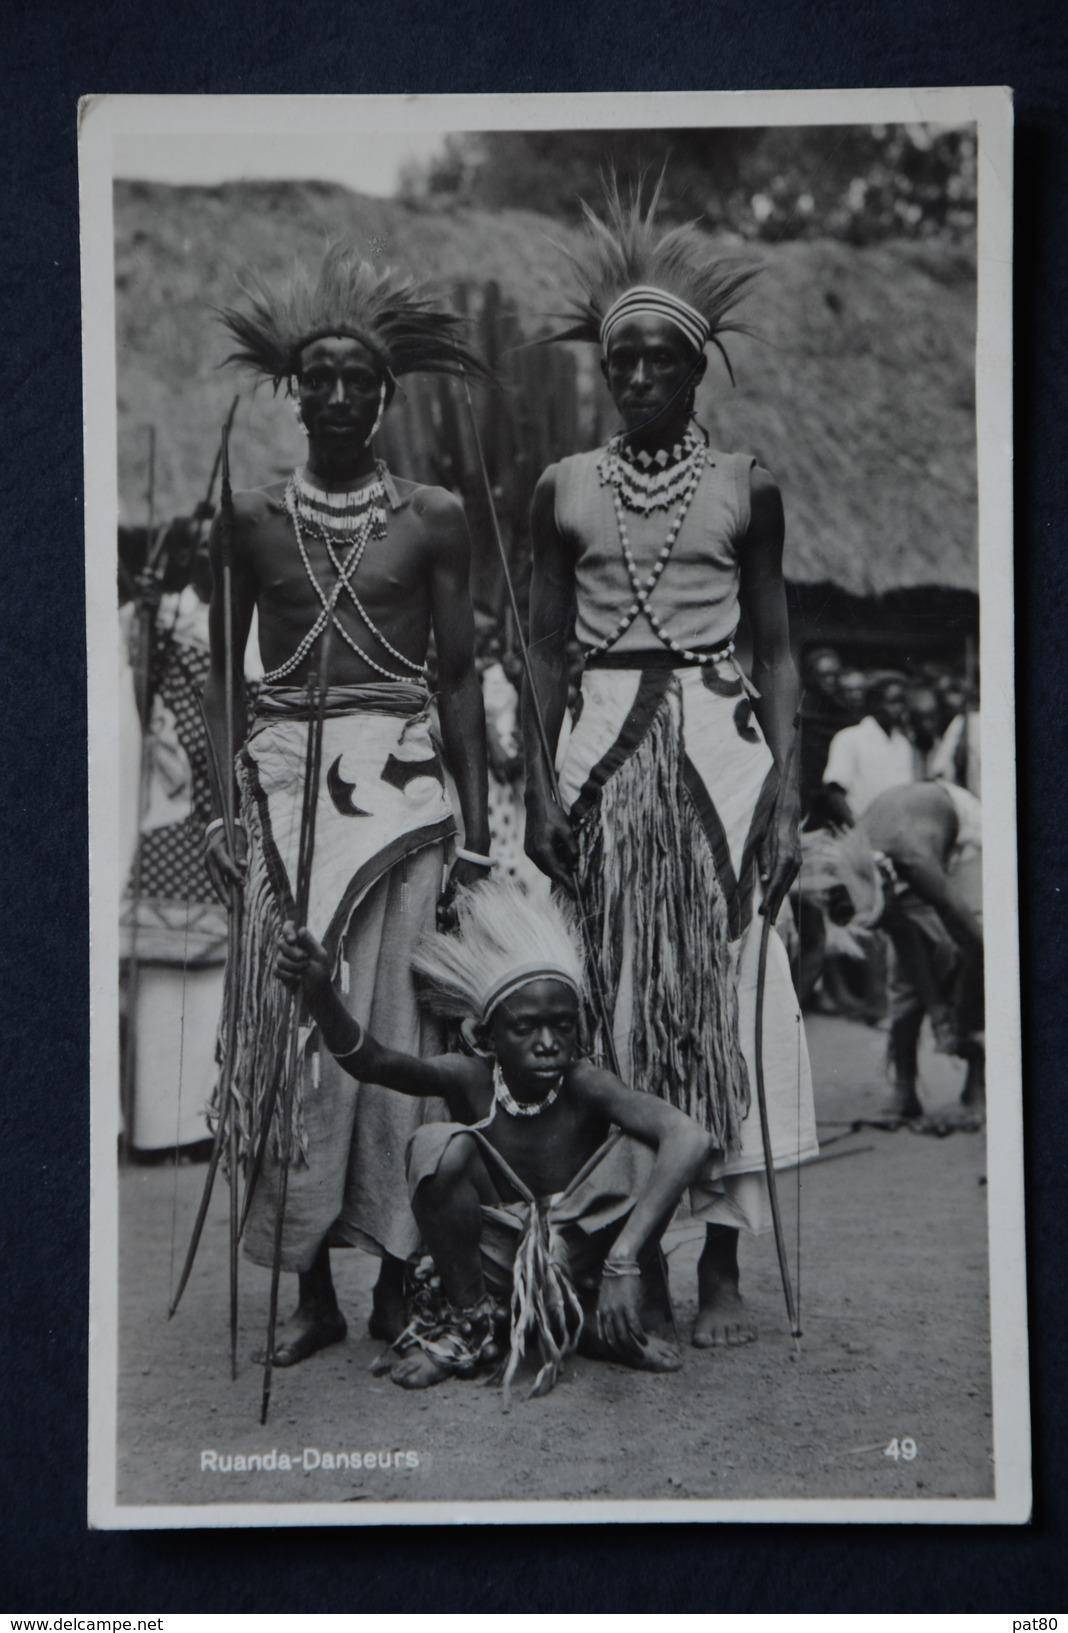 RUANDA RWANDA Danseurs Carte Photo C. ZAGOURSKI 49 - Ruanda-Urundi